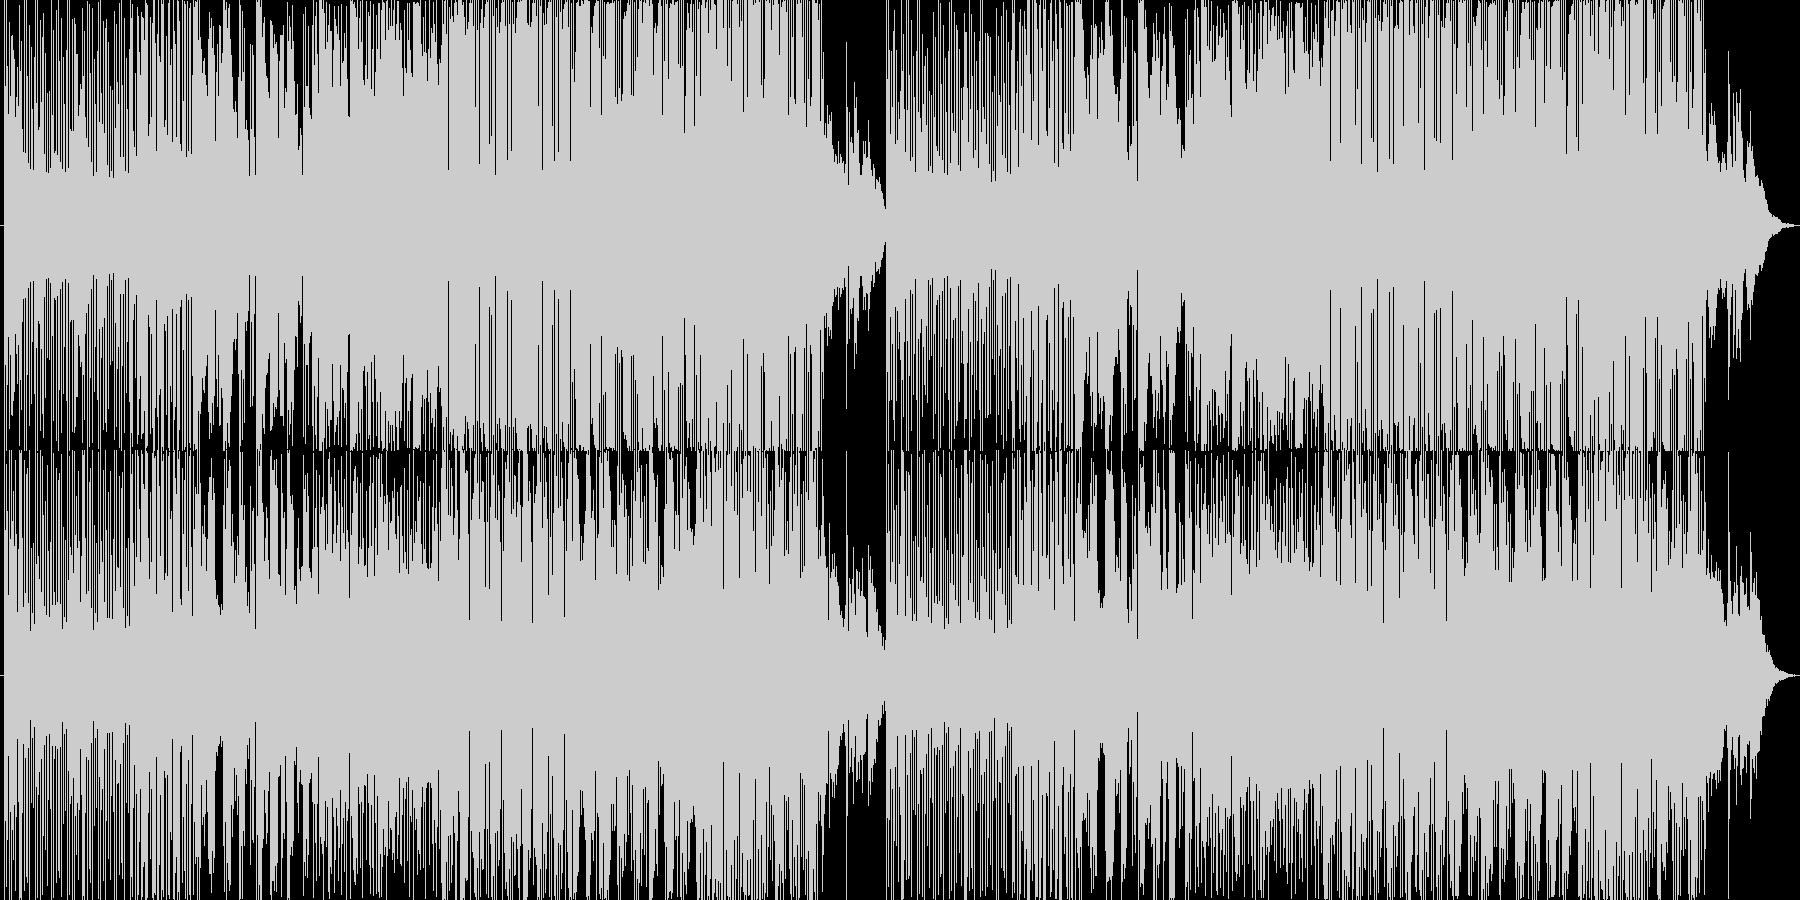 不思議な声がリピートする幻想的な曲。の未再生の波形